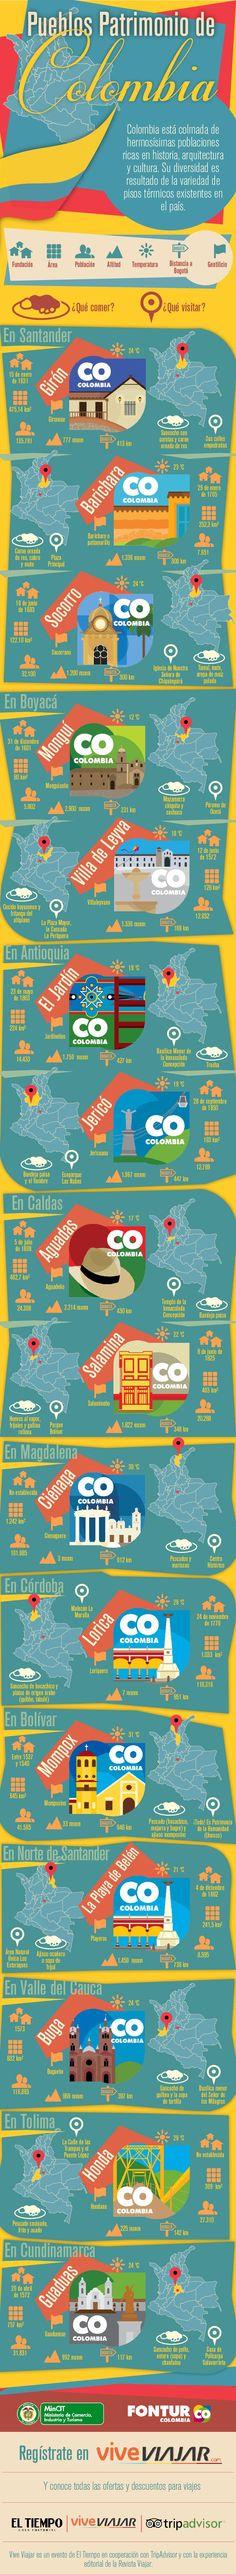 Pueblos patrimonio de Colombia